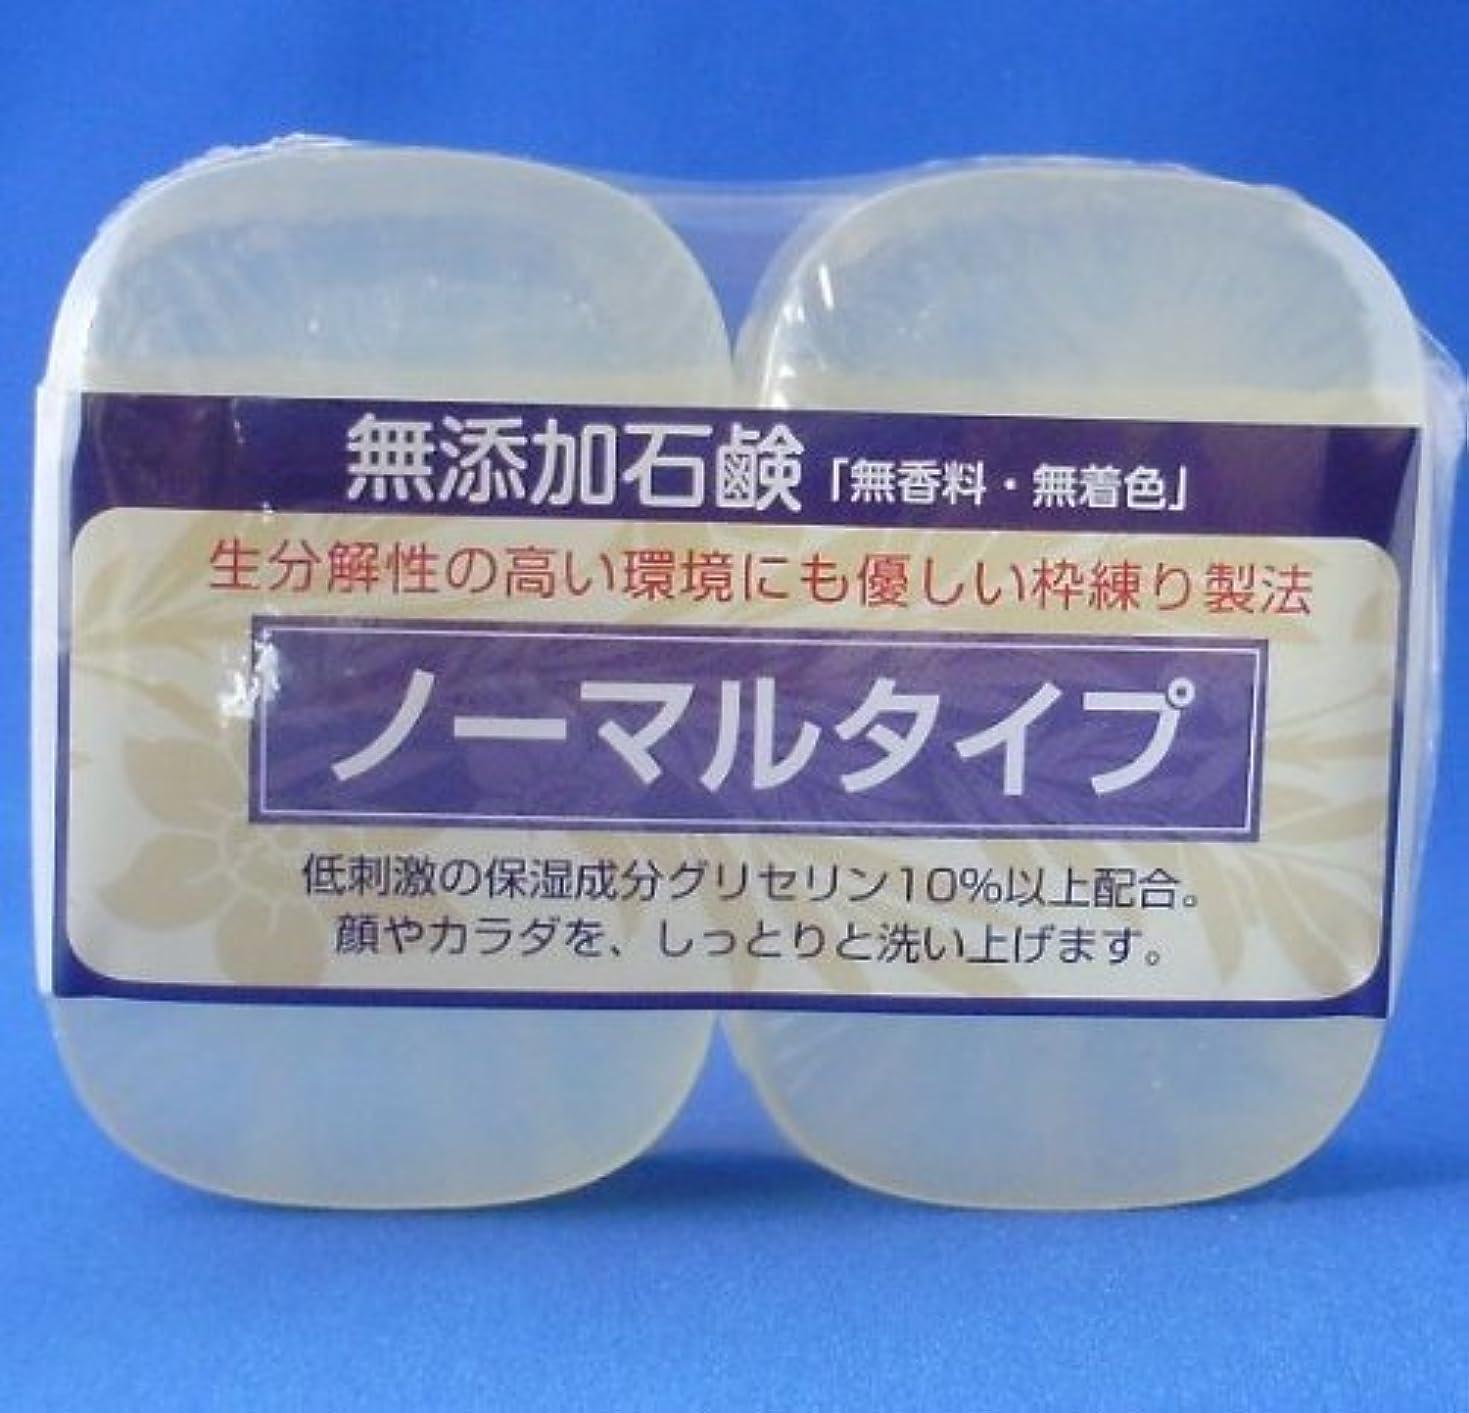 太鼓腹周りブリーフケース無添加石鹸 ノーマルタイプ 90g×2個